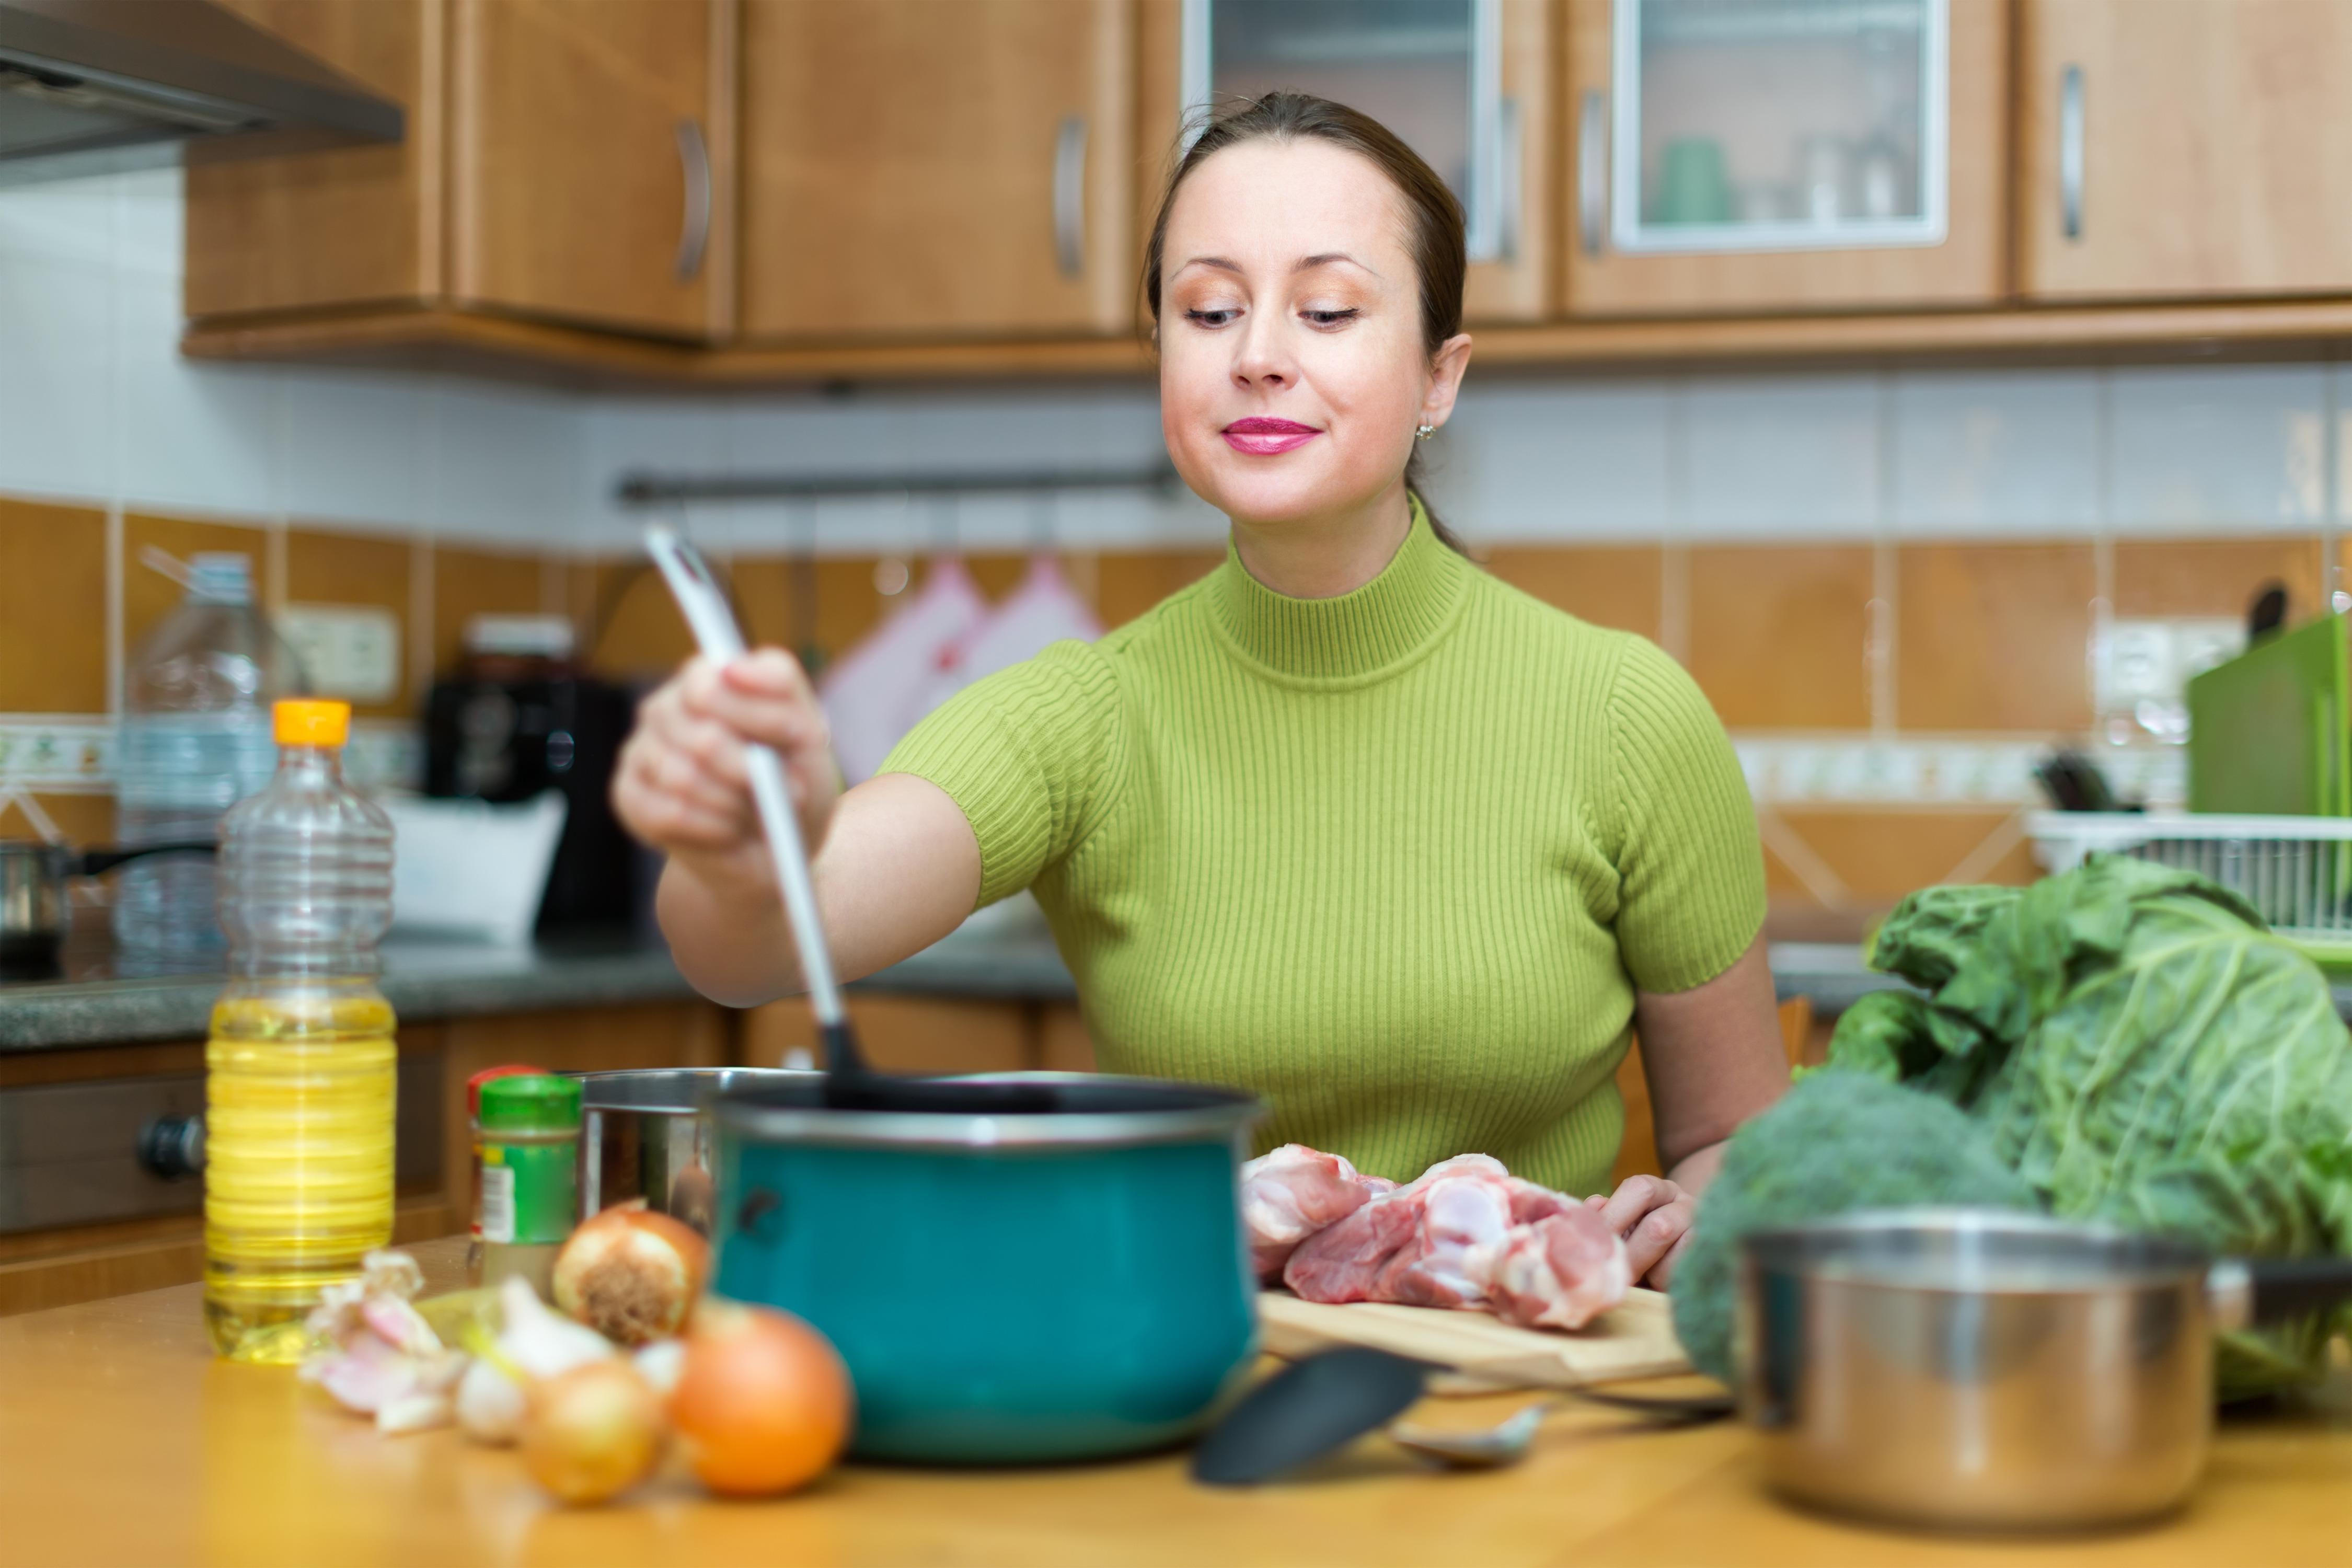 Mladá žena nazerá do hrnca pri varení, pred sebou má nakrájané mäso a pripravenú zeleninu